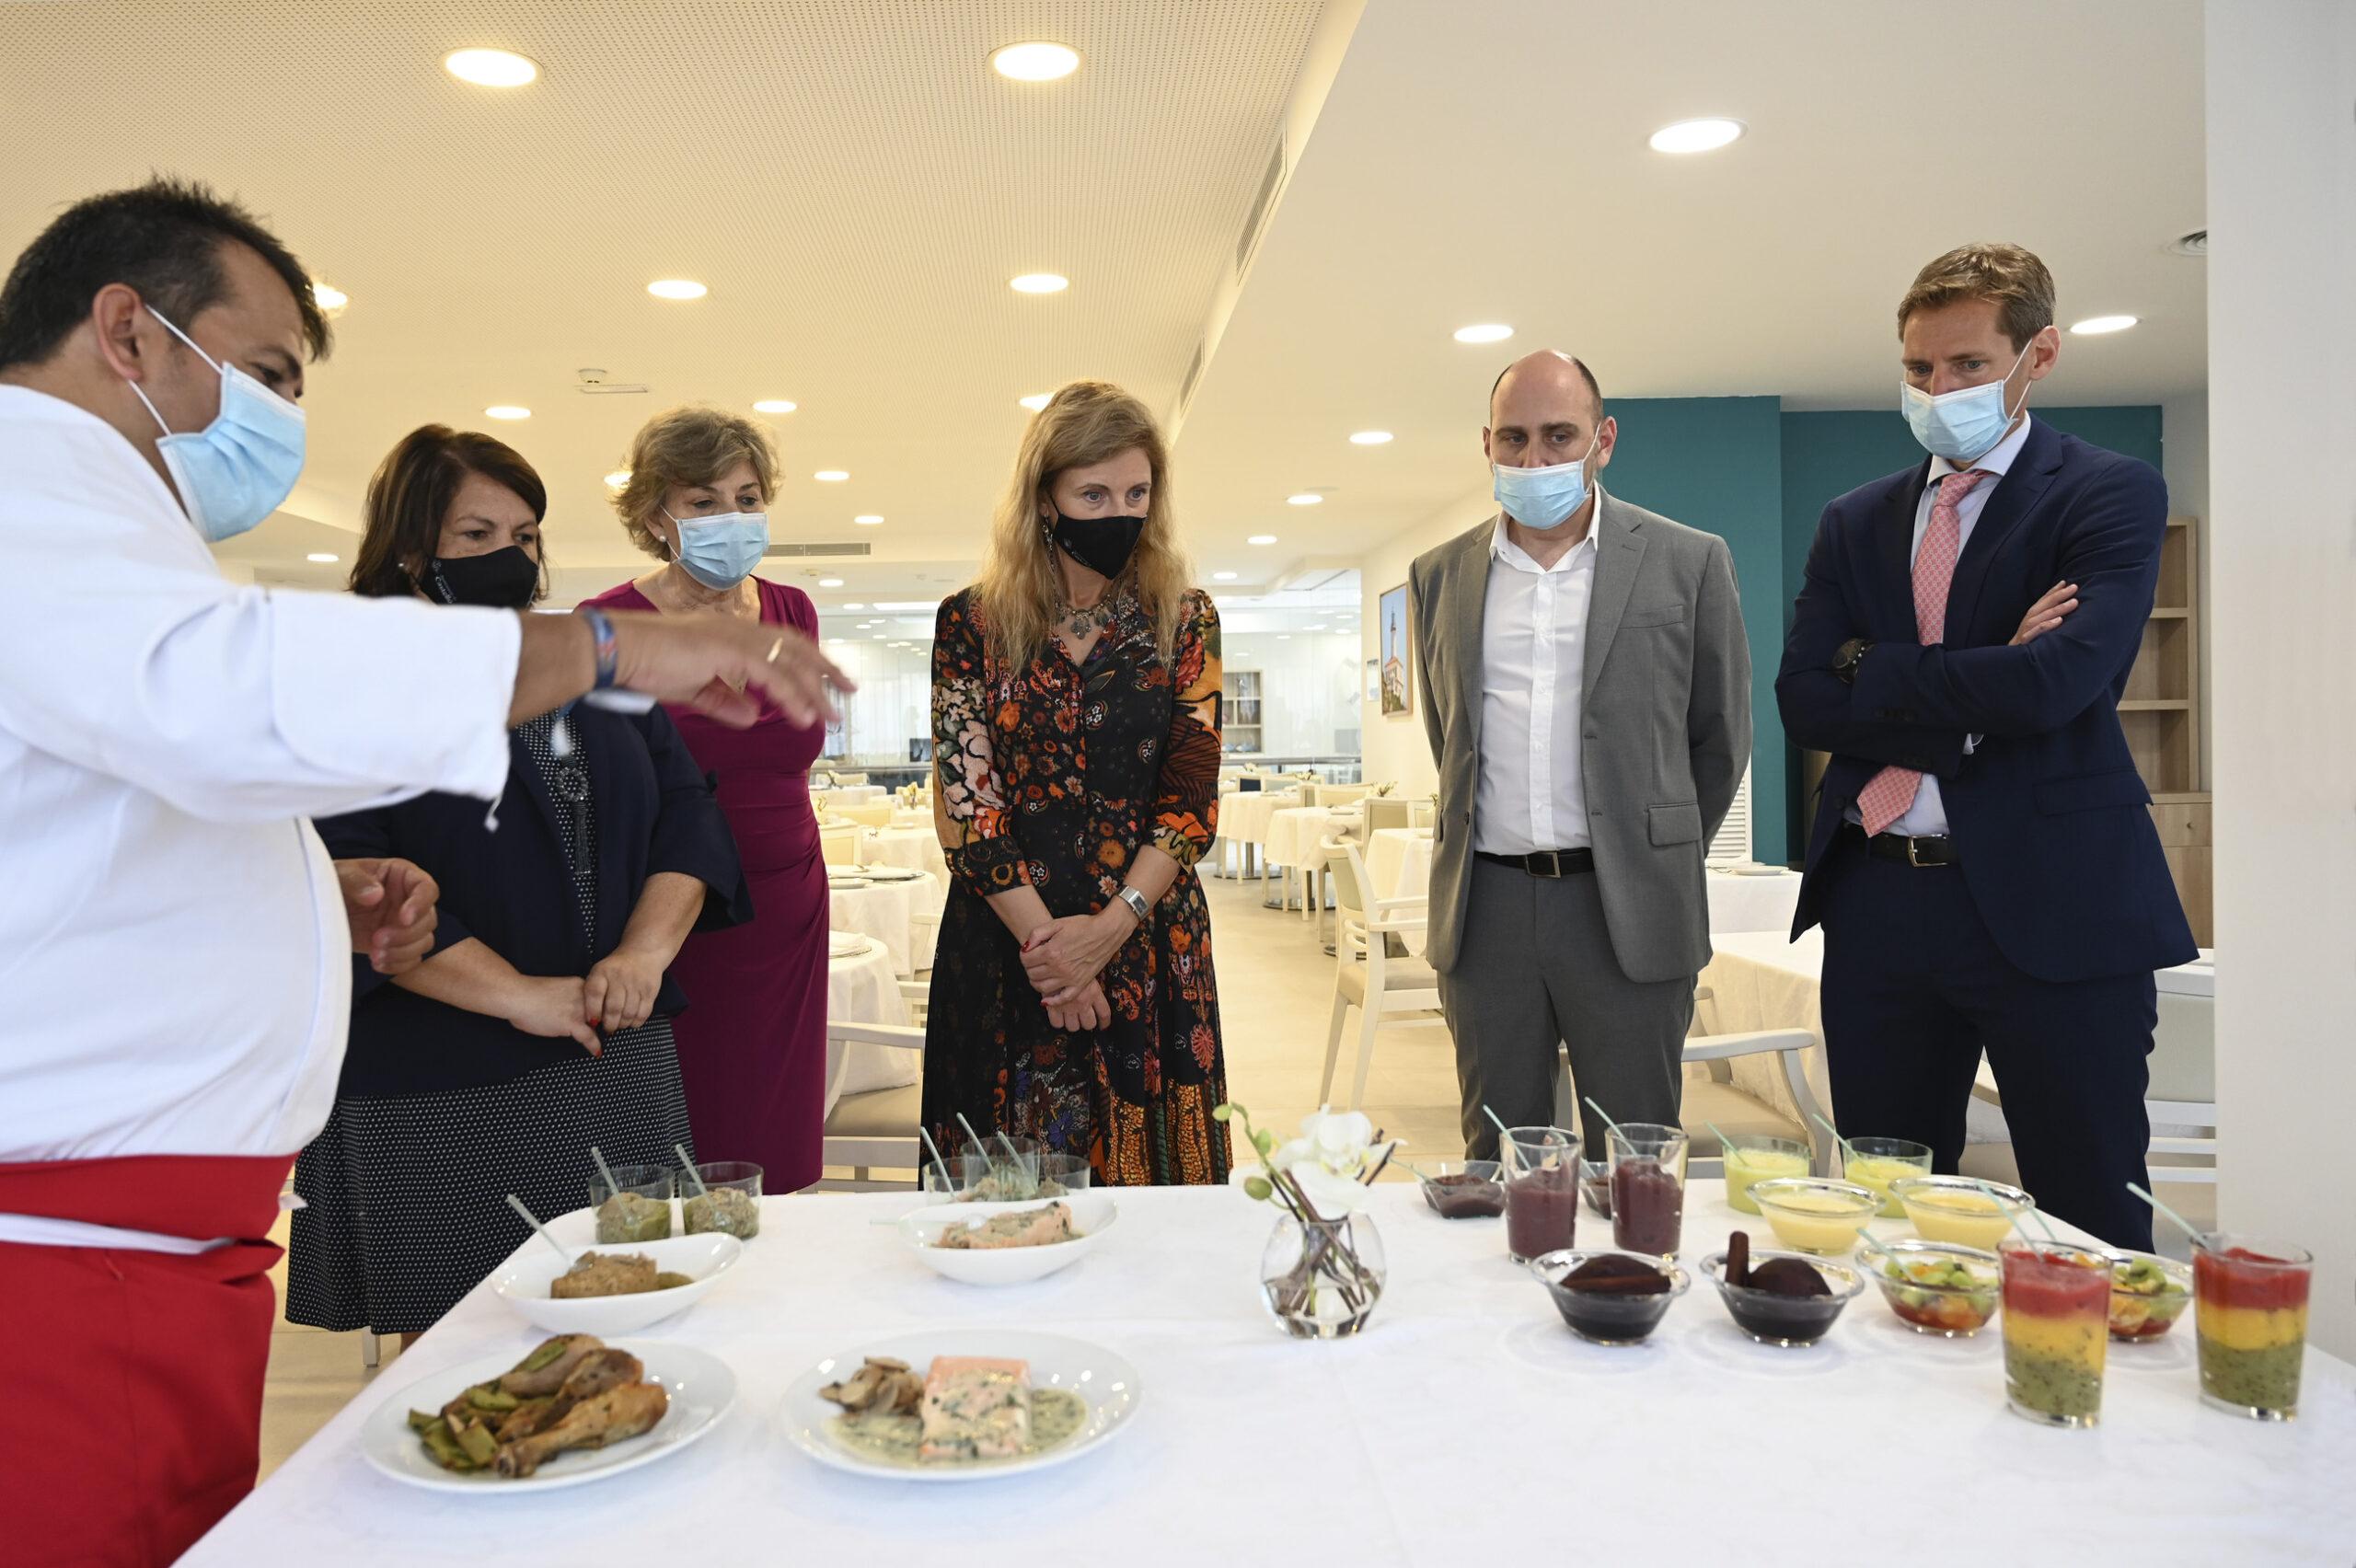 La alcaldesa de Castelló de la Plana, Amparo Marco, inaugura la nueva residencia de ORPEA